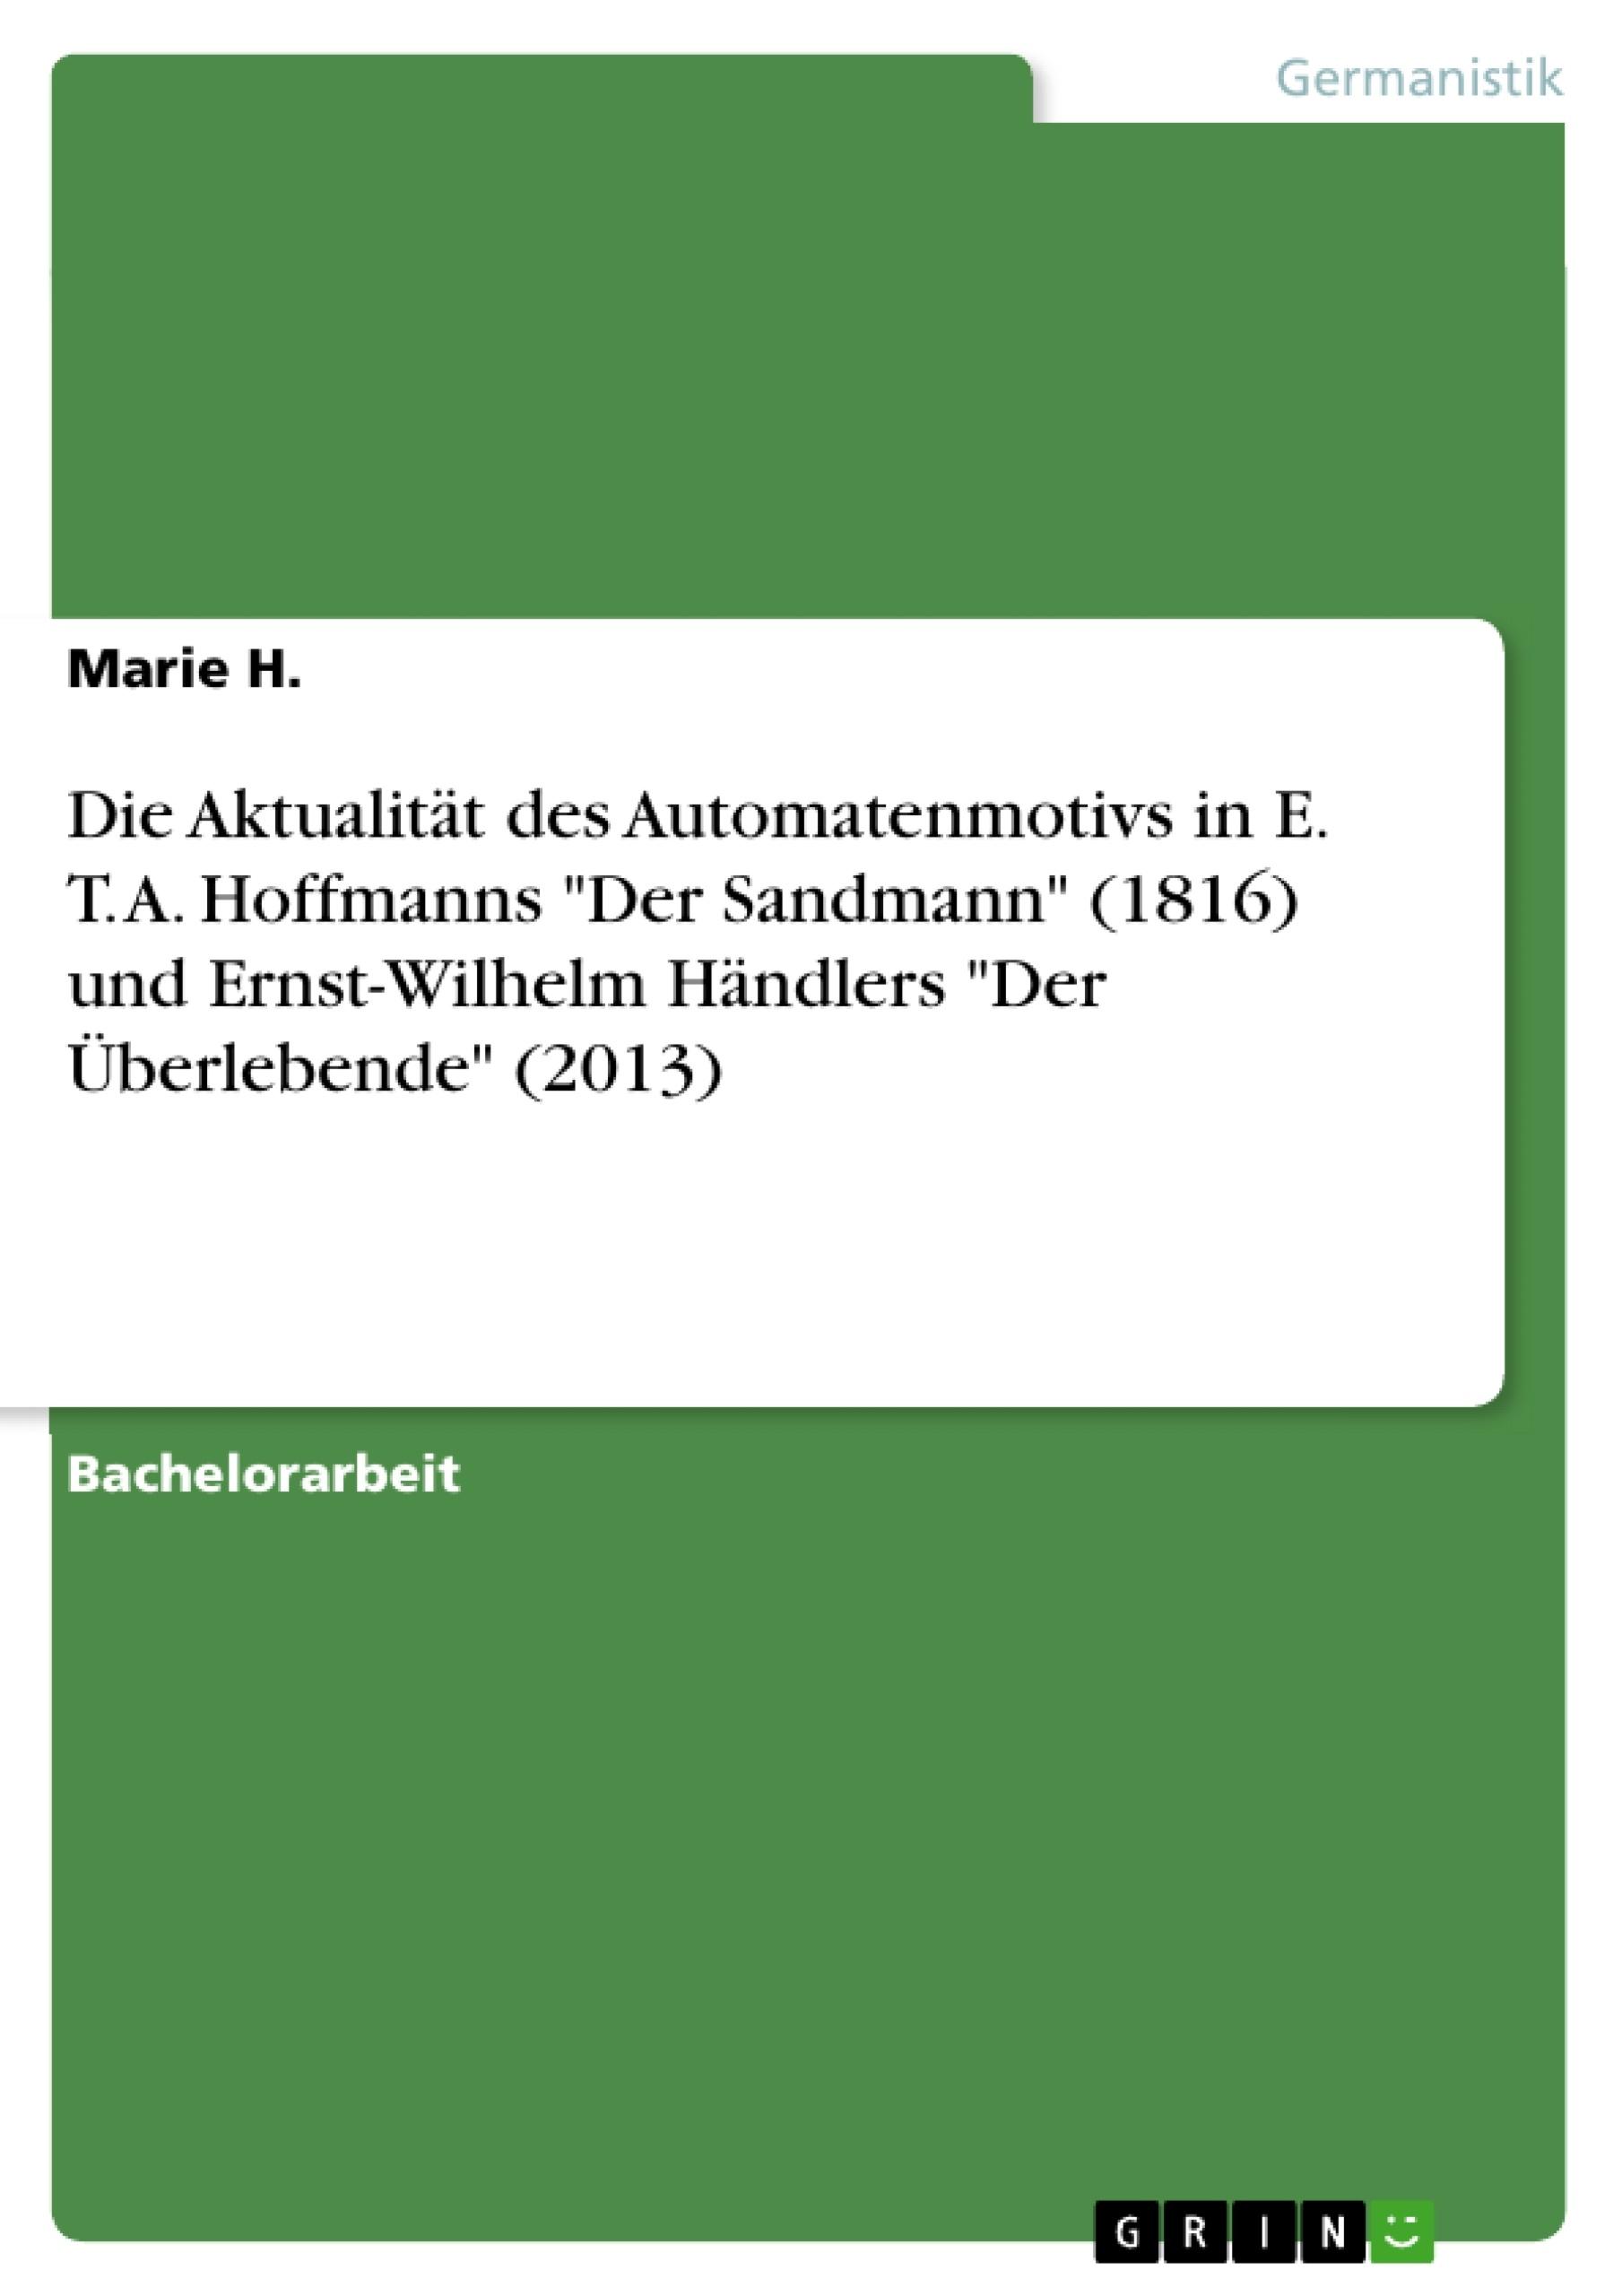 """Titel: Die Aktualität des Automatenmotivs in E. T. A. Hoffmanns """"Der Sandmann"""" (1816) und Ernst-Wilhelm Händlers """"Der Überlebende"""" (2013)"""